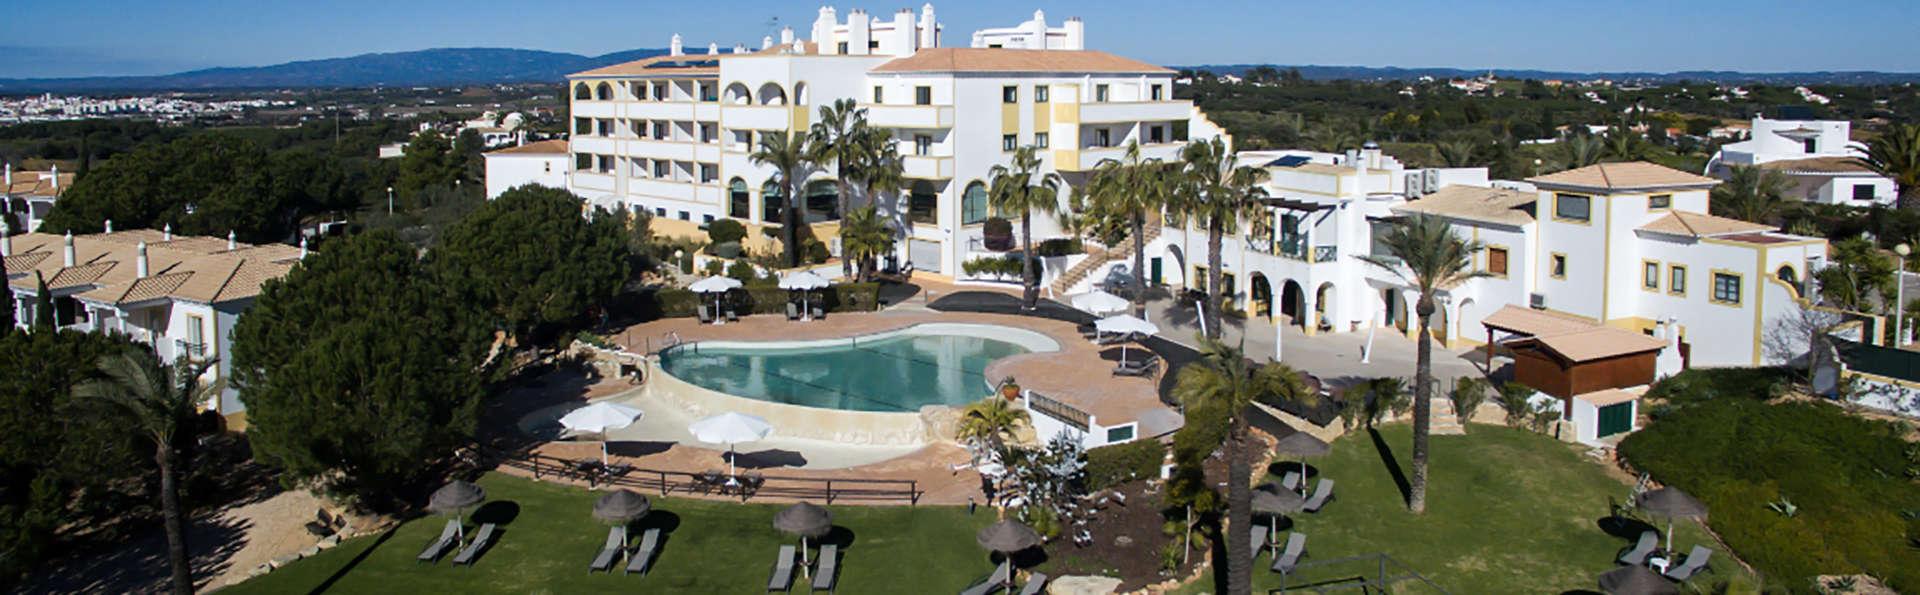 Demi-pension en famille avec séjour enfant gratuit en Algarve (à partir de 5 nuits)